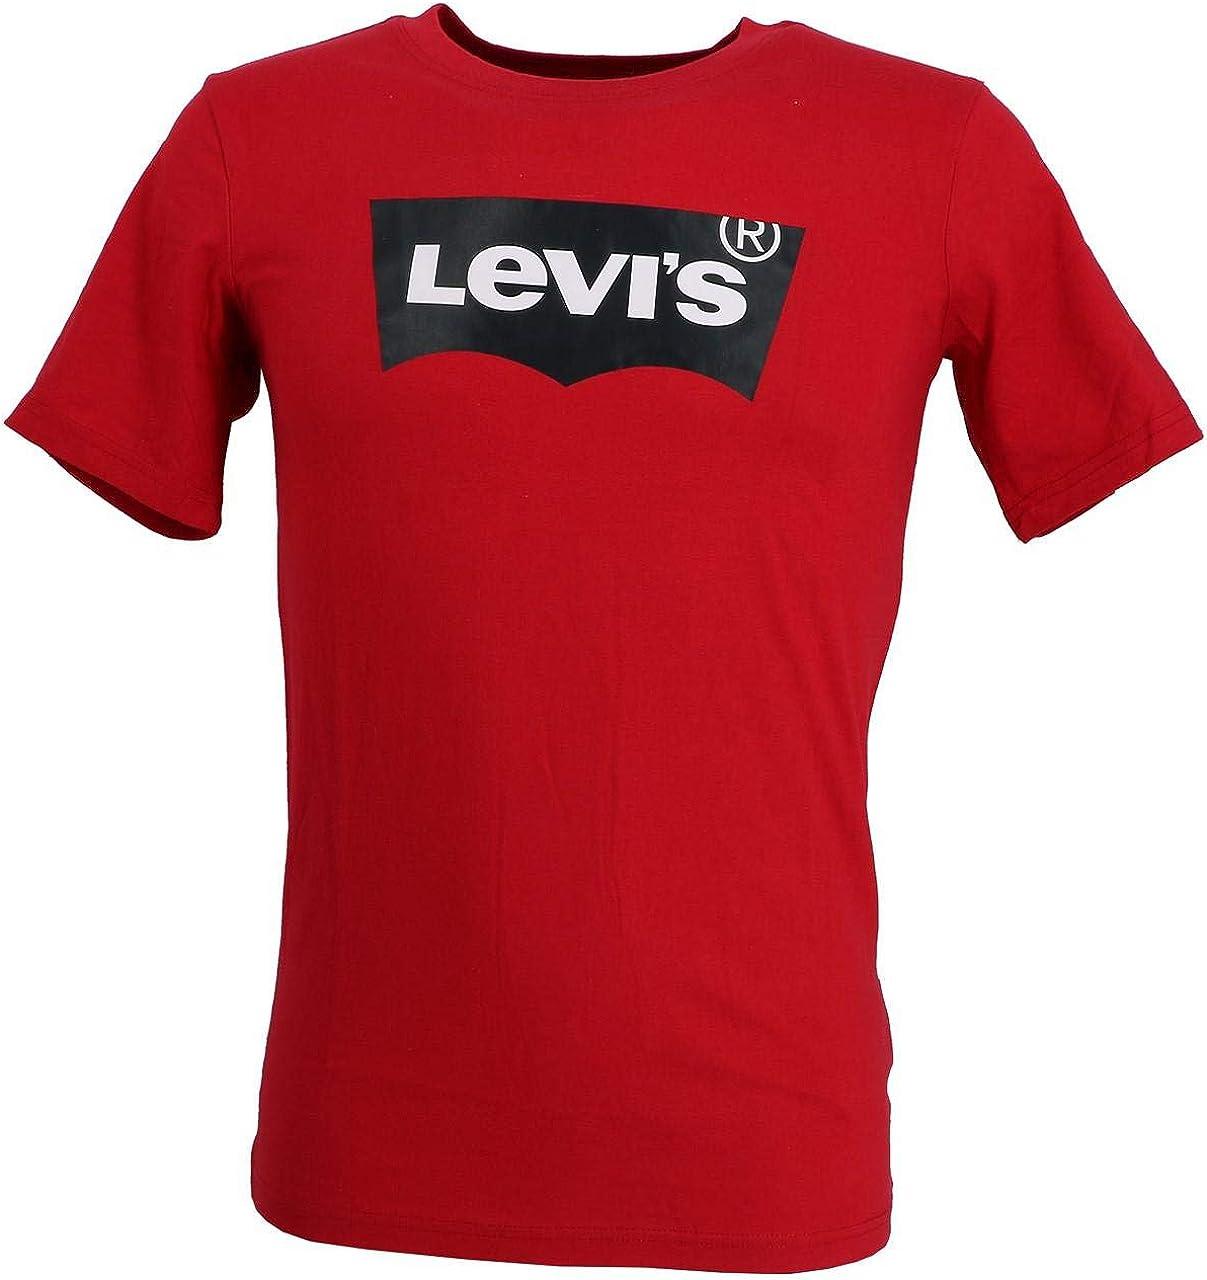 Camiseta Levis Batwing Roja Niña y Niño: Amazon.es: Ropa y accesorios